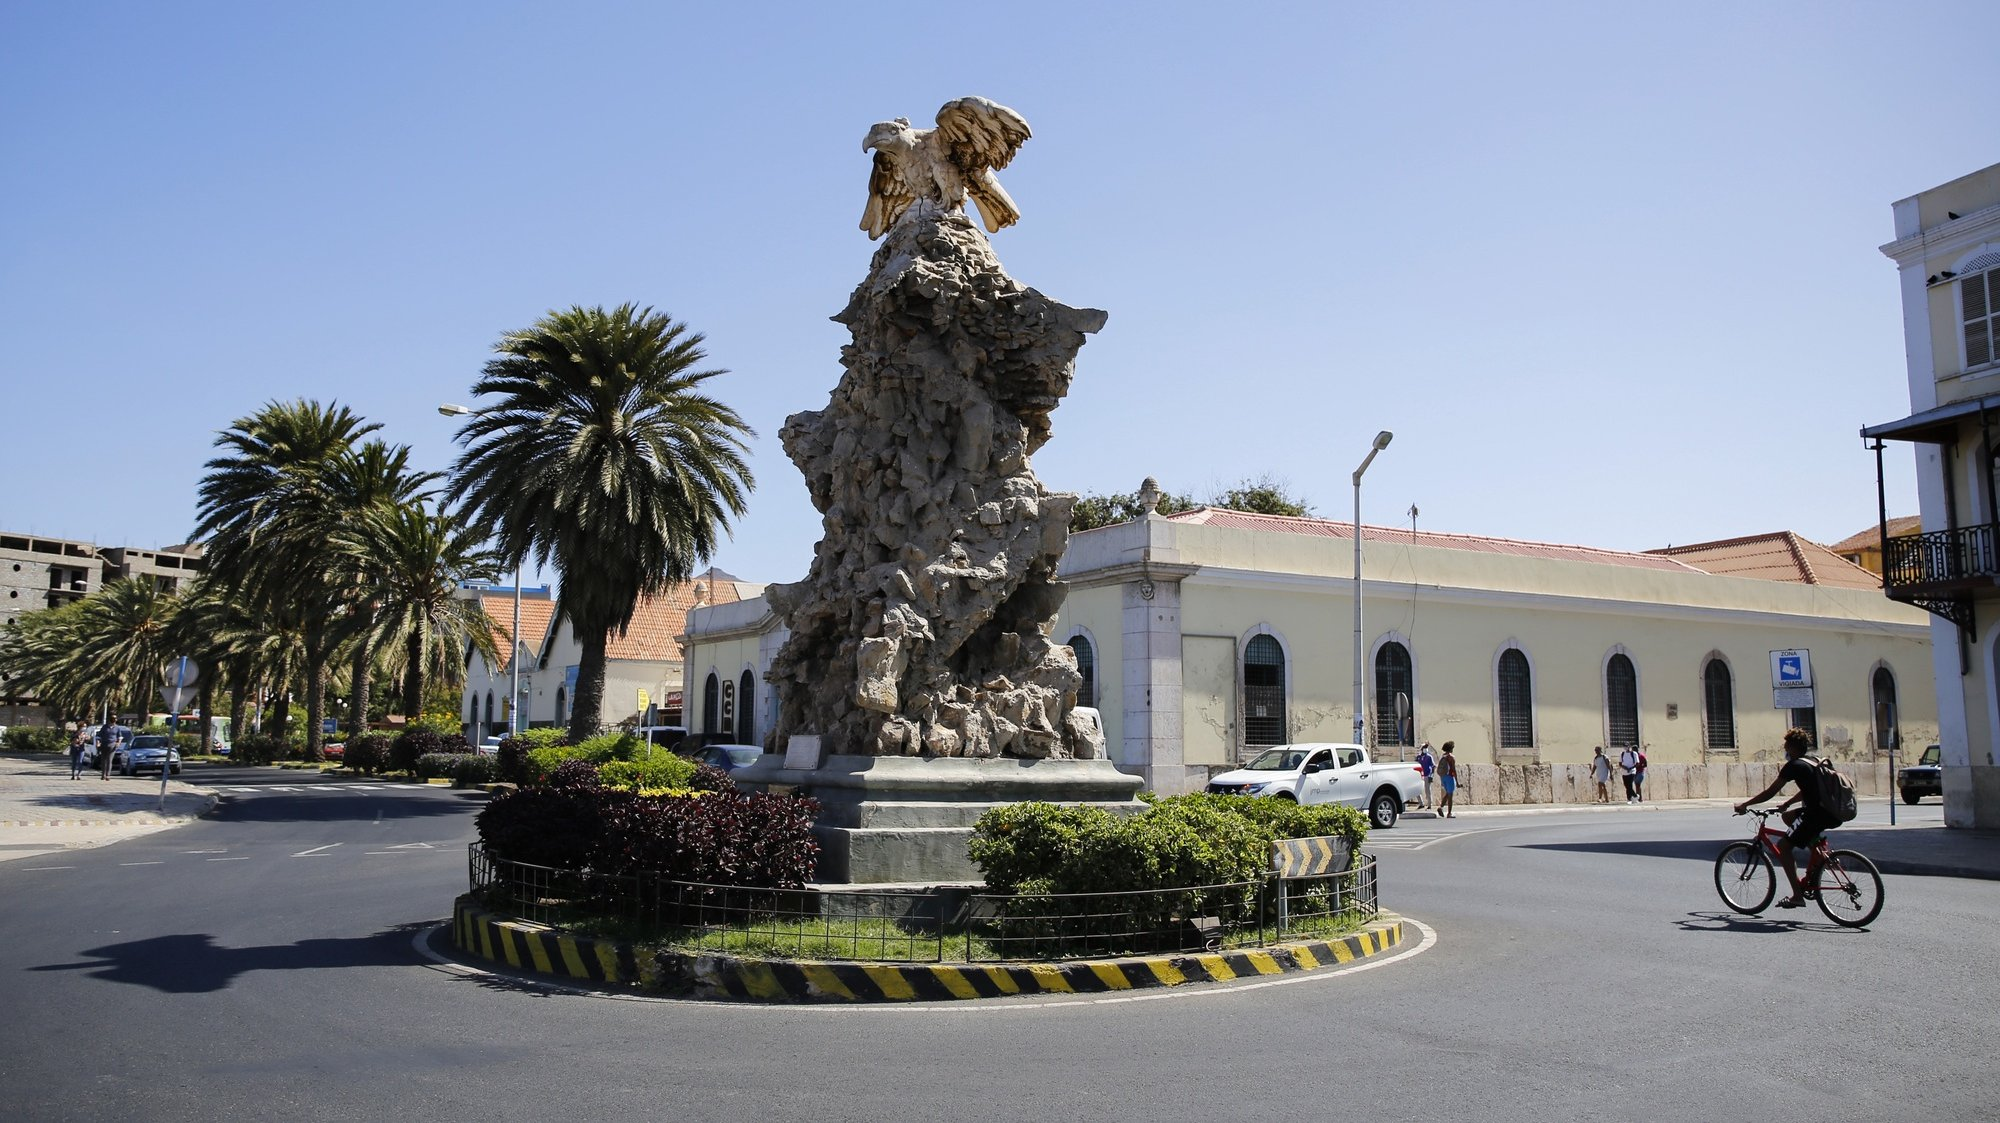 """Obelisco com o nome de Gago Coutinho, o qual ficou conhecido como """"O Pássaro"""", no Mindelo, ilha de São Vicente, Cabo Verde, 12 de abril de 2021. O hidroavião """"Lusitânia"""", de Gago Coutinho e Sacadura Cabral, fez história em abril de 1922 ao ligar o Atlântico, mas a passagem dos """"aviadores"""" por São Vicente permanece na memória daquela ilha cabo-verdiana, que prepara as comemorações do centenário. (ACOMPANHA TEXTO DA LUSA DO DIA 25 DE ABRIL DE 2021). FERNANDO DE PINA/LUSA"""